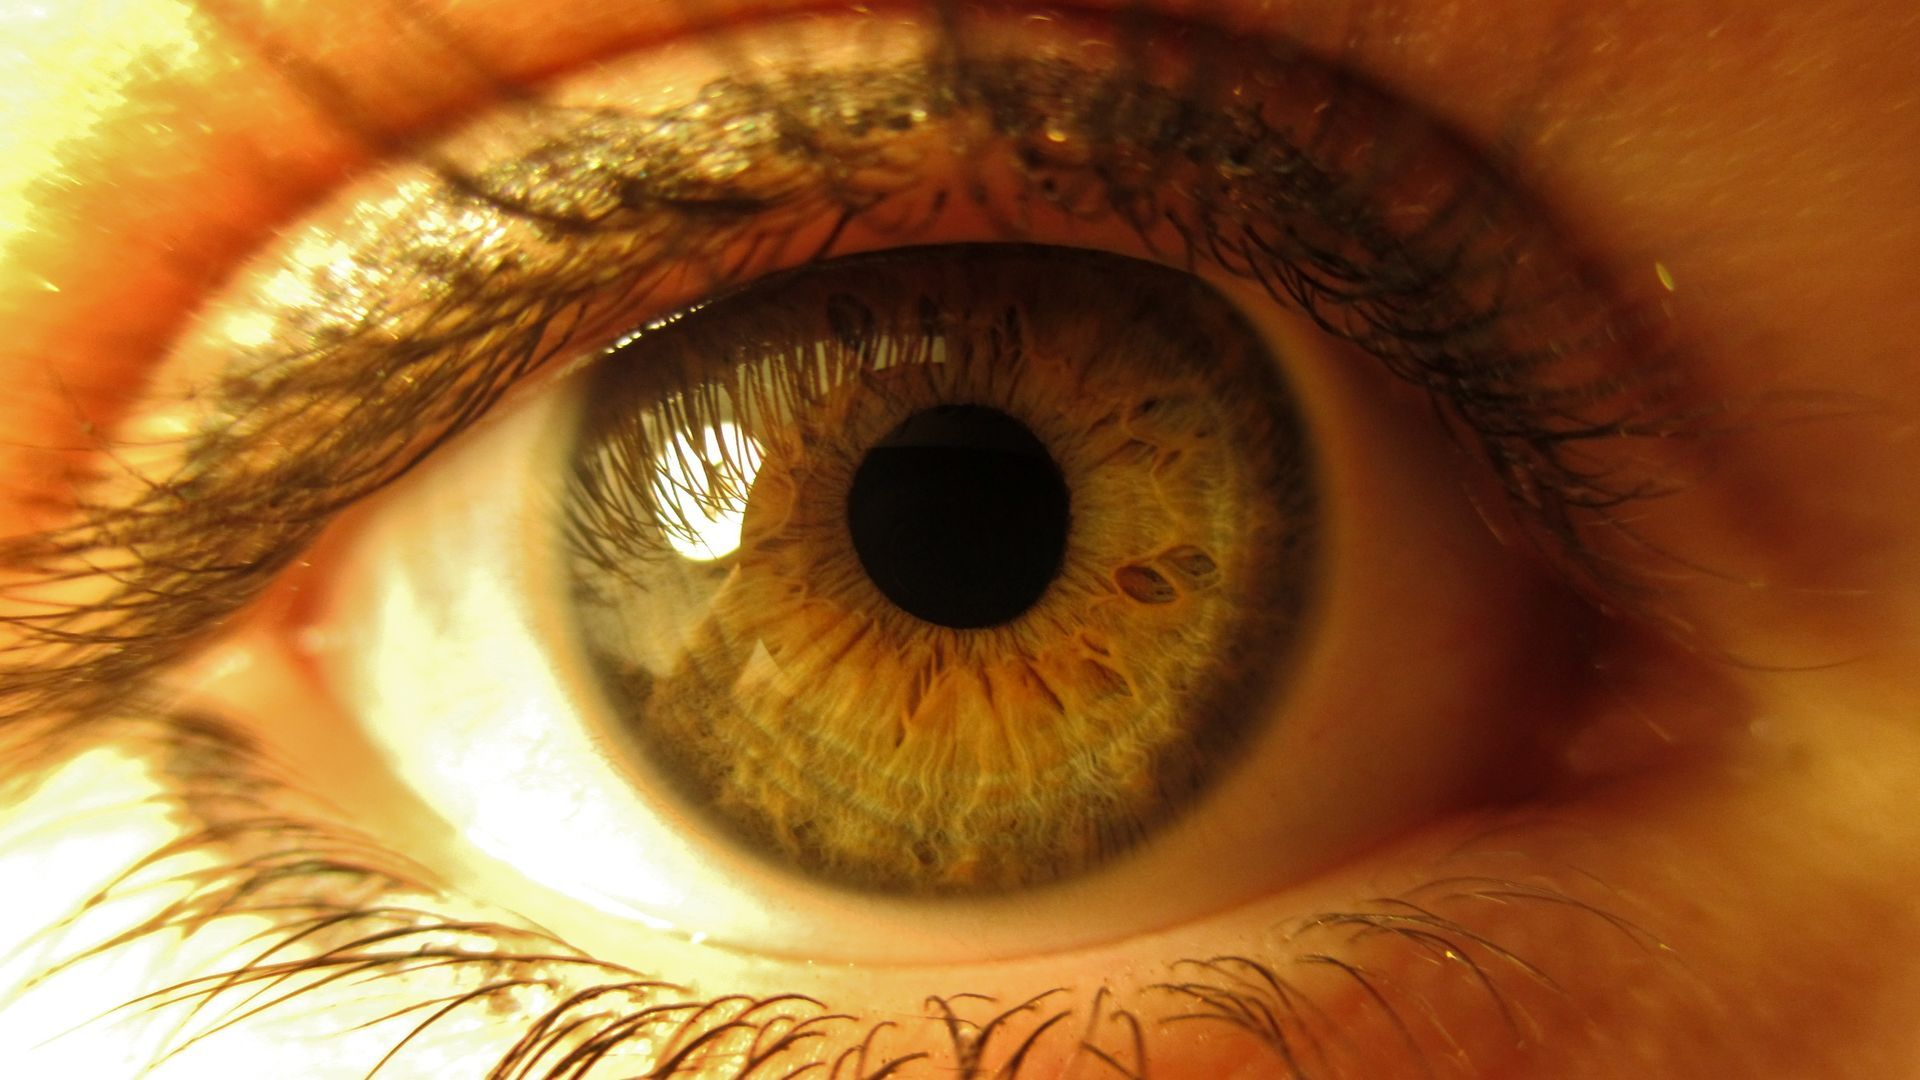 eye_1920x1080.jpg